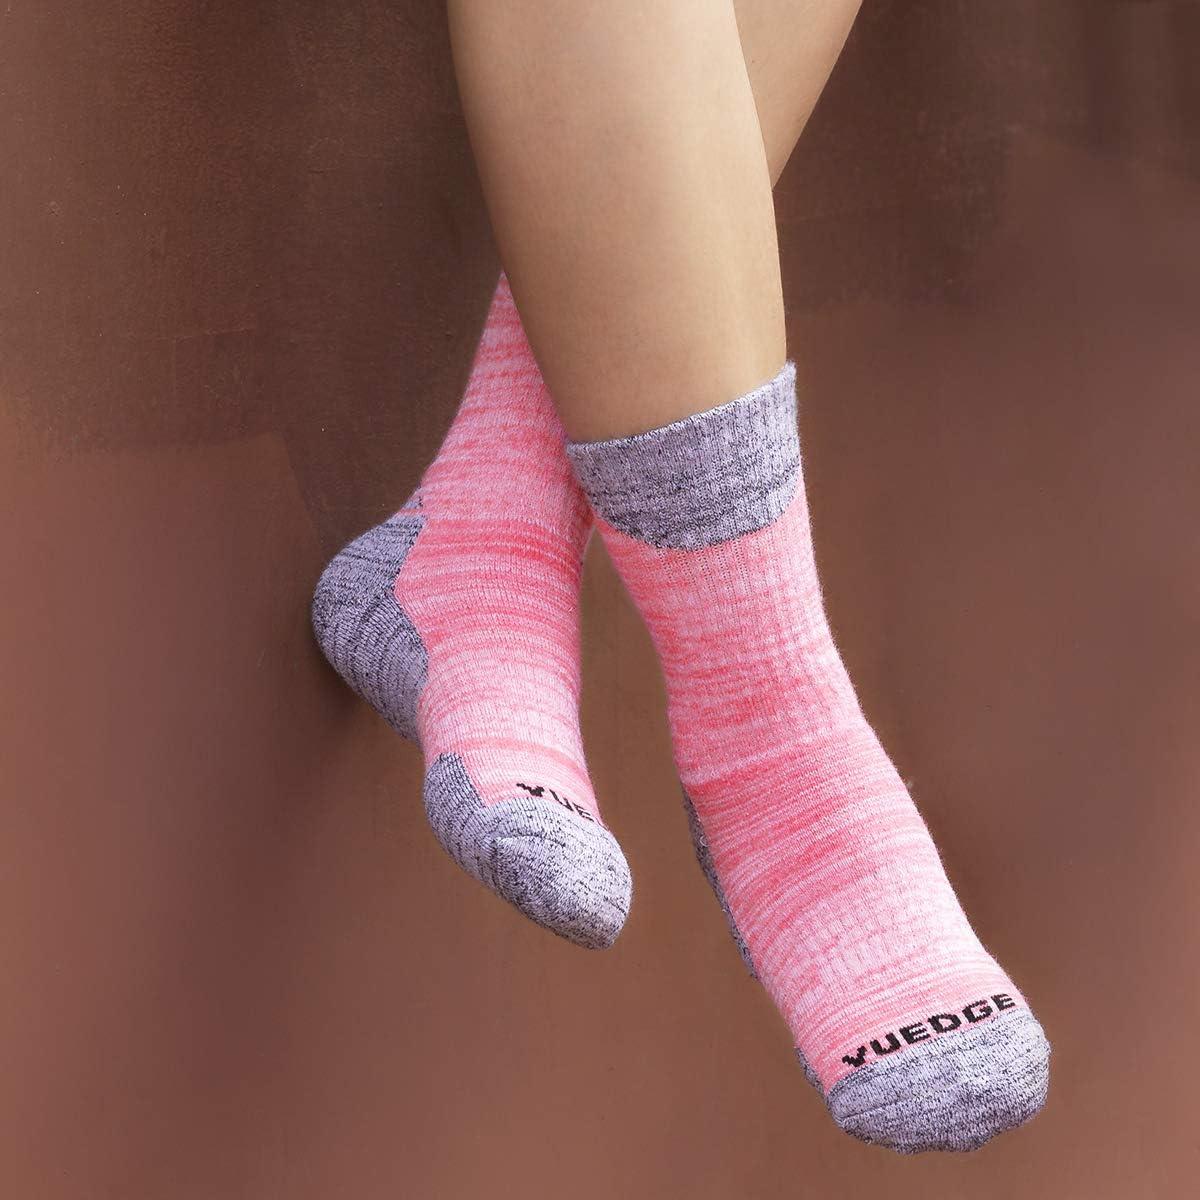 YUEDGE 3 Pares Mujeres Calcetines de Senderismo Trekking Anti ampollas Transpirables Corriendo Calcetines Deportivos